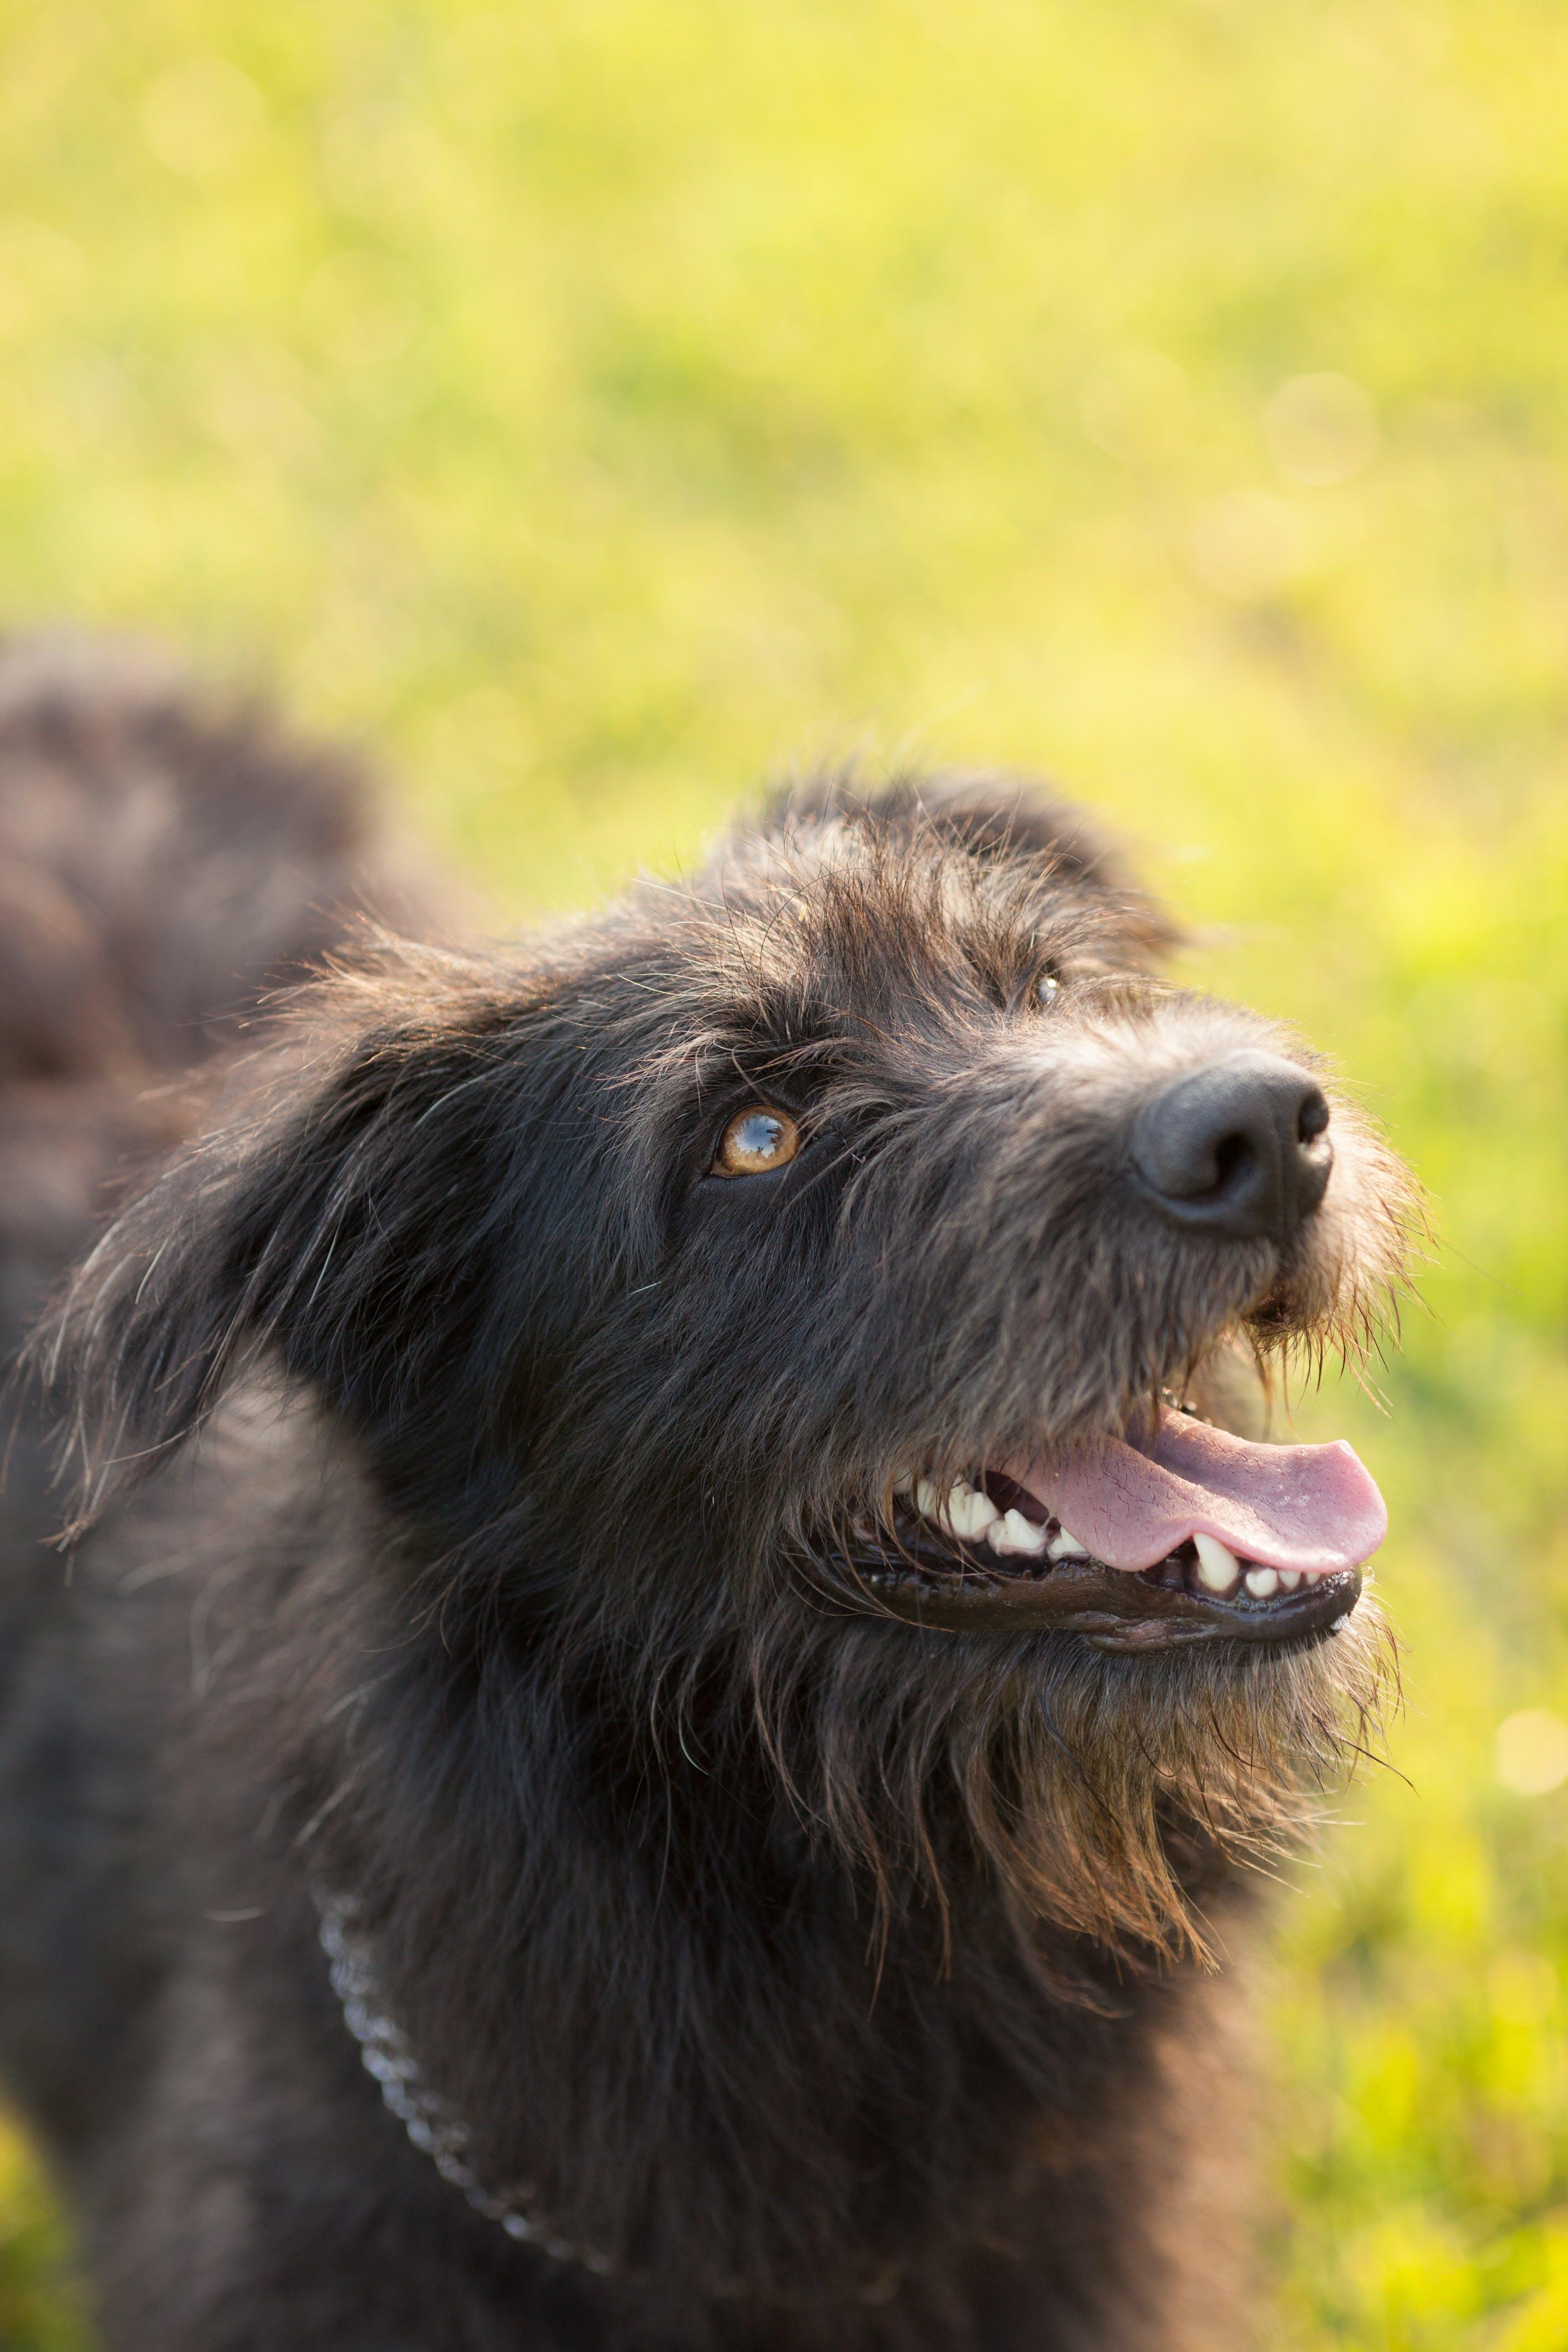 Closeup Photography of Black Dog